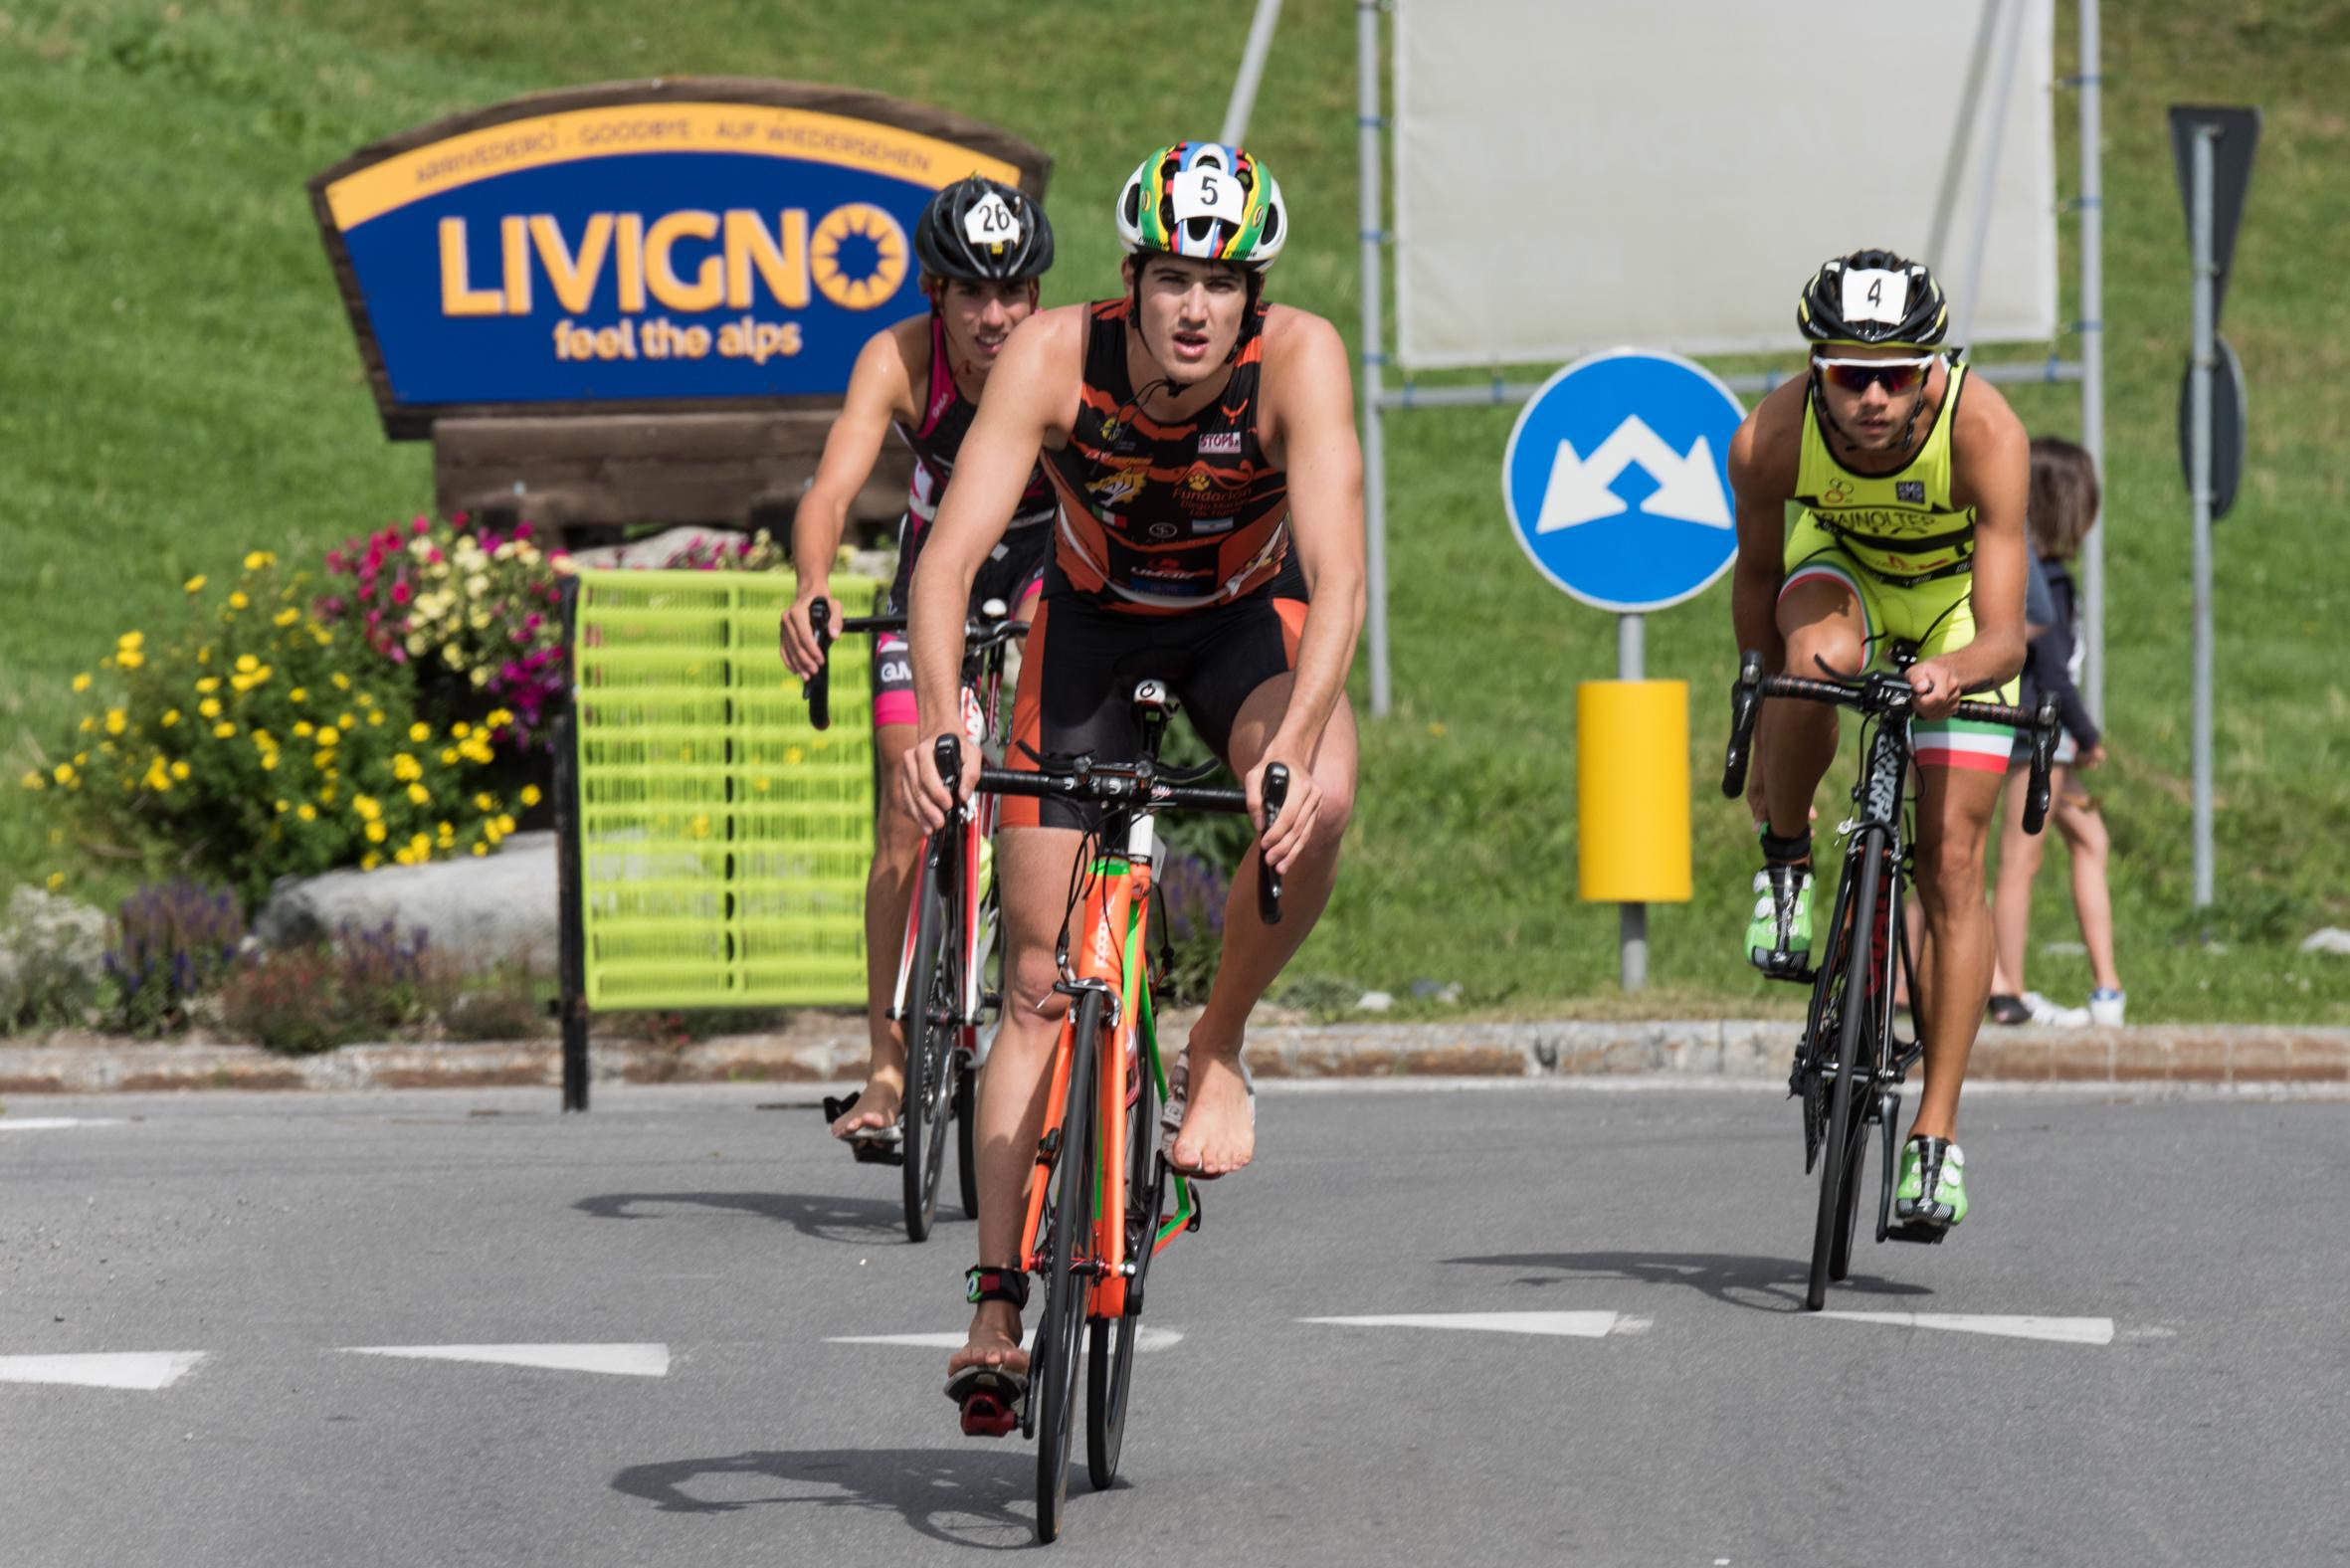 Classifica Icon Livigno Xtreme Triathlon 2021